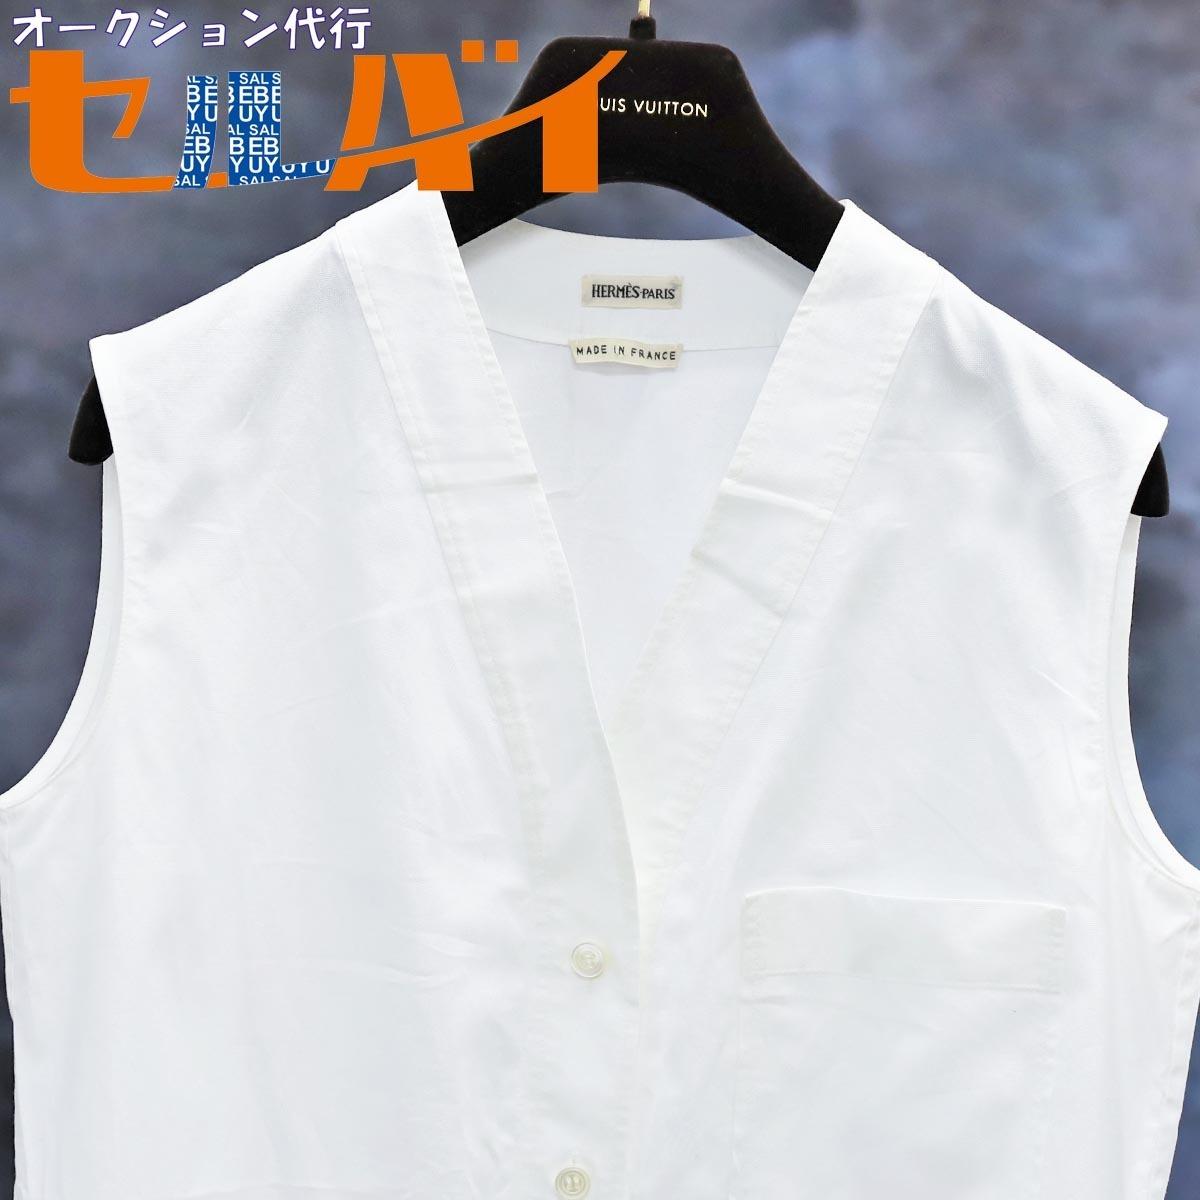 本物 エルメス 極希少 マルジェラ期 シェル釦 ポケット付きノースリーブシャツ サイズ36 ホワイト トップス ベスト ブラウス HERMES_画像1